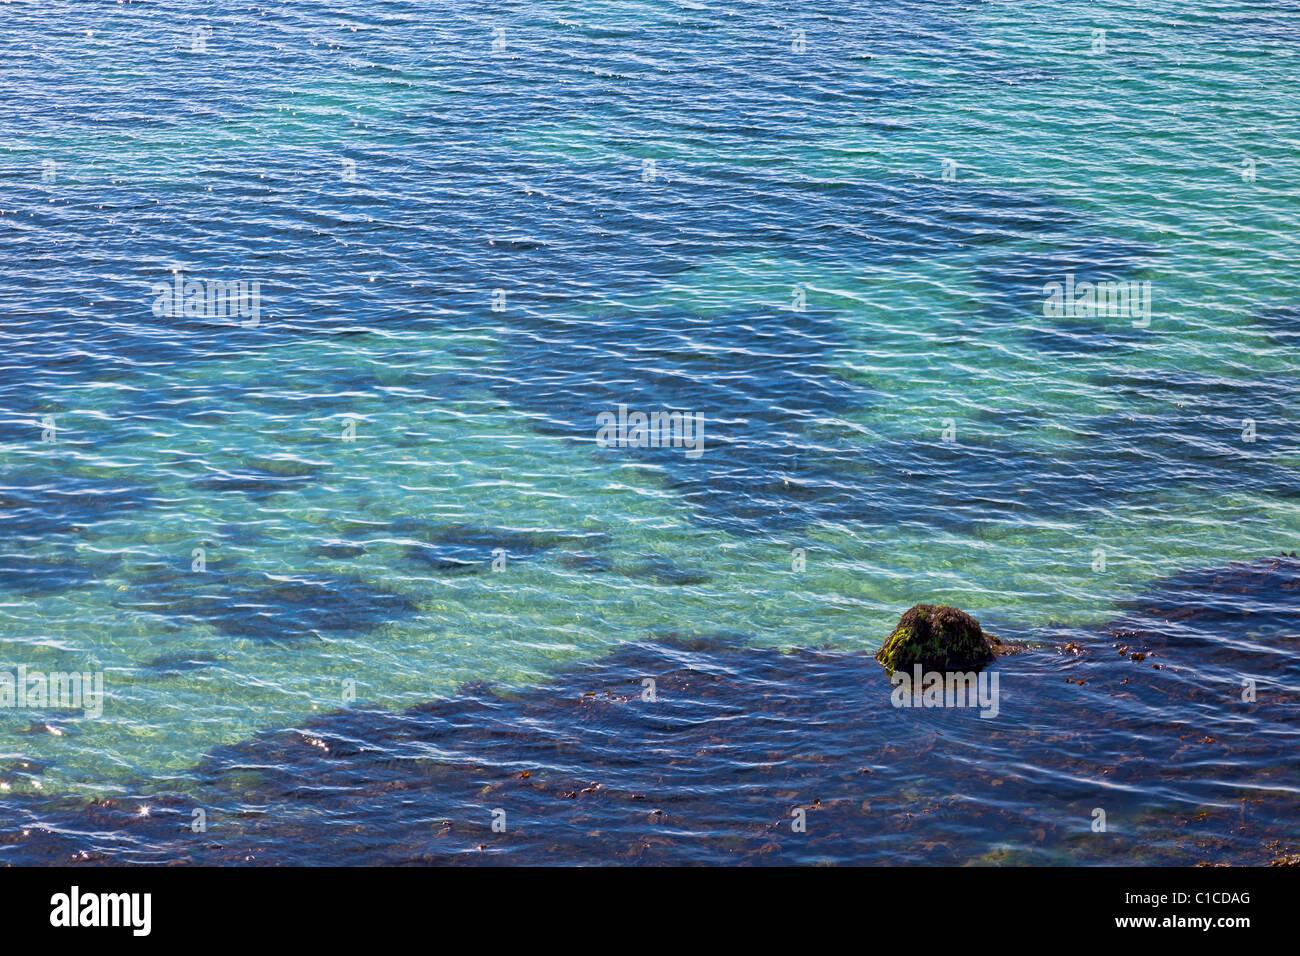 Mar poco profundo ondulaciones del agua cubriendo las algas, Francia, Europa Imagen De Stock